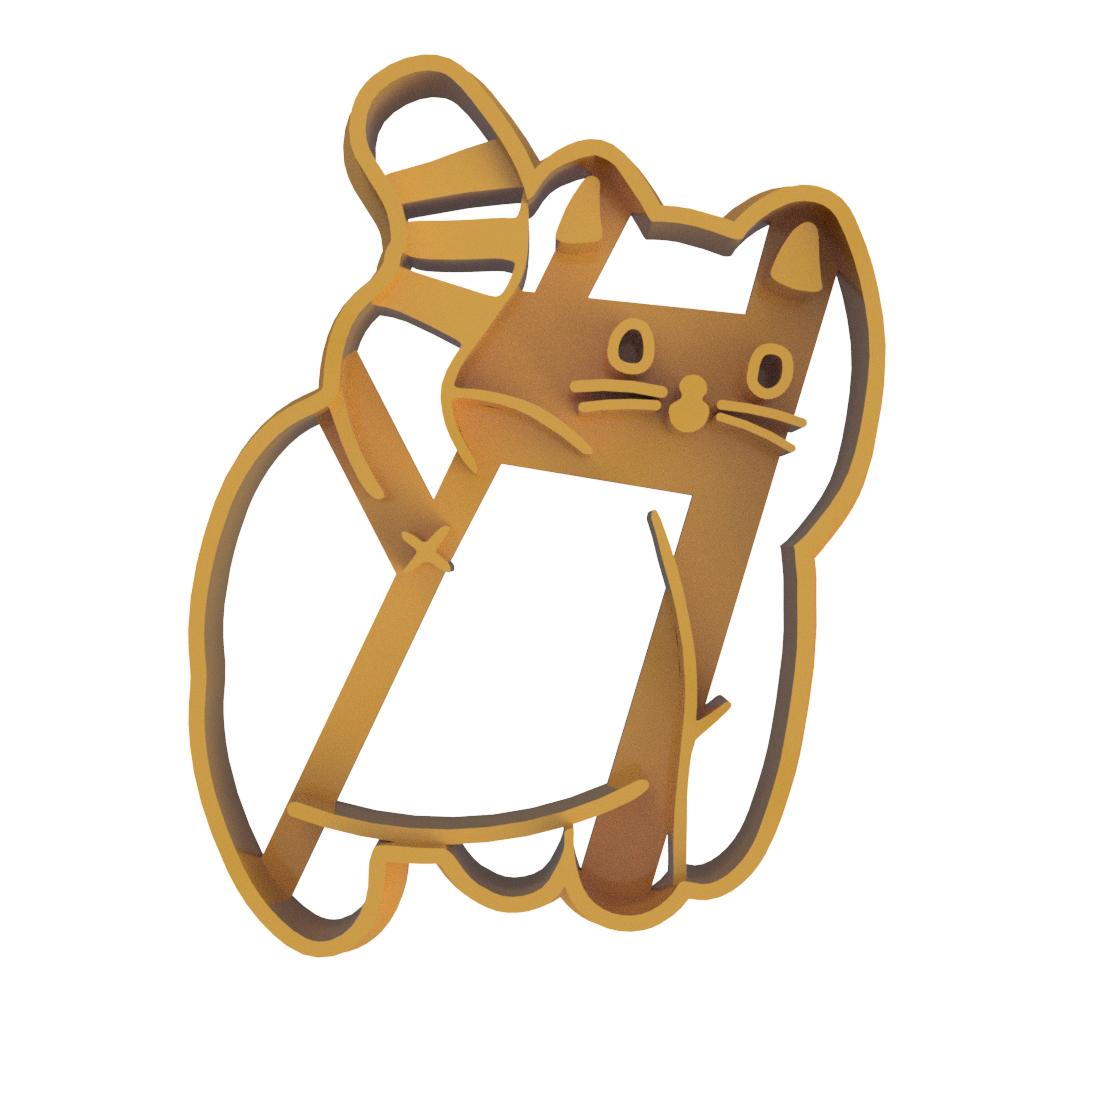 Cat butt 3 v2.png Télécharger fichier STL Coupe-biscuits en forme de fesses de chat V3 (version commerciale) • Design à imprimer en 3D, dwain